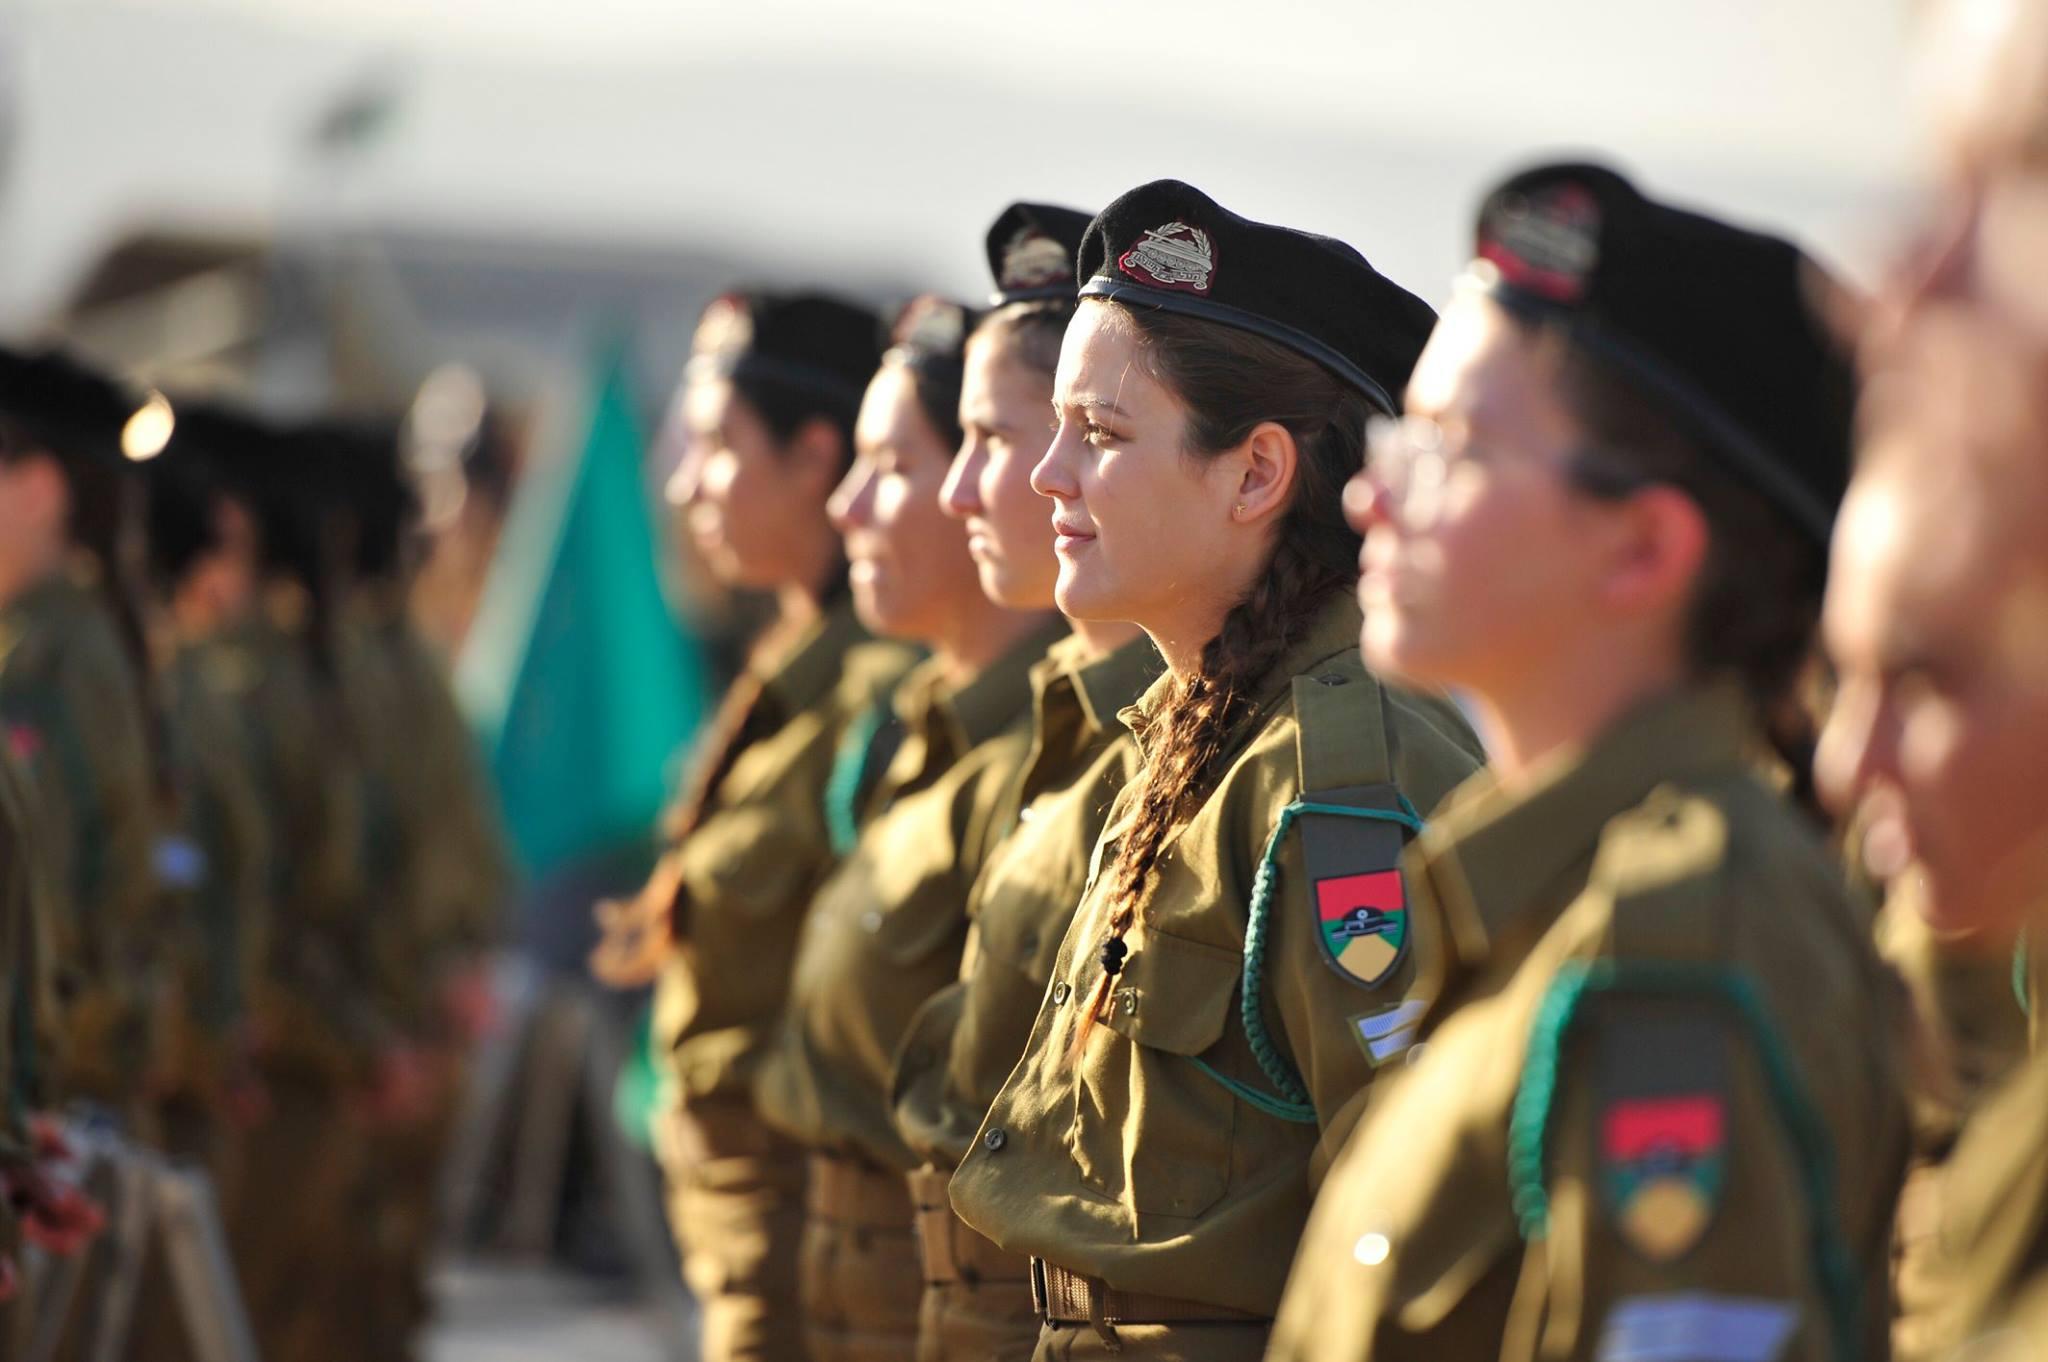 Béketerv előtt: fokozott készültségben az izraeli hadsereg